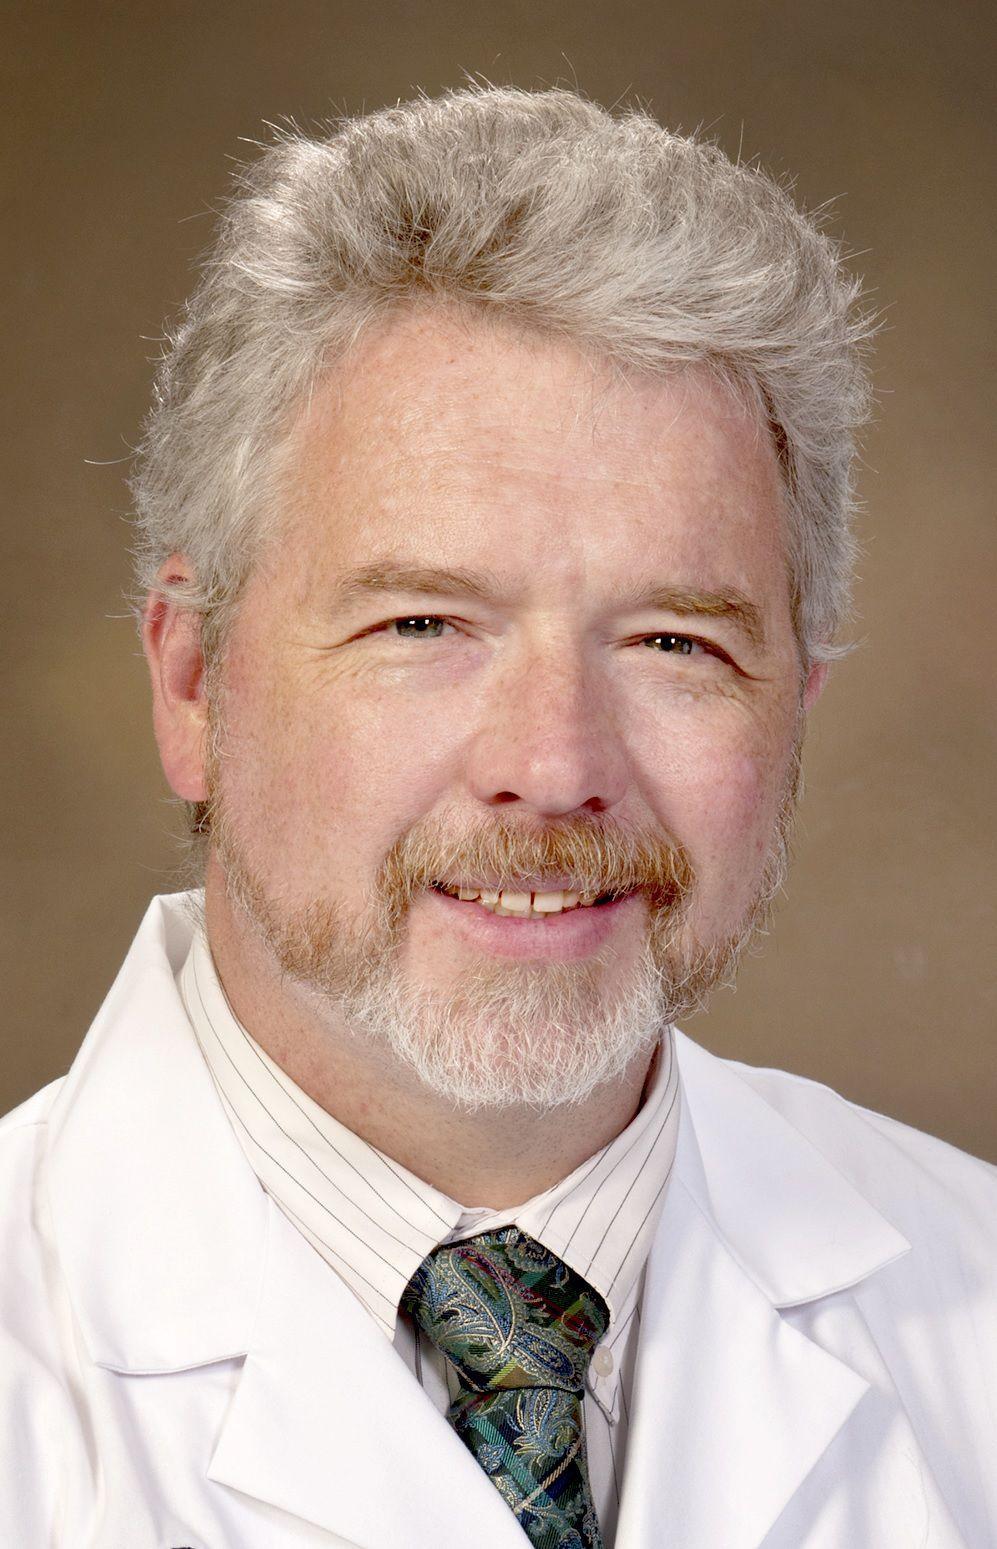 Dr. Vance G. Nielsen